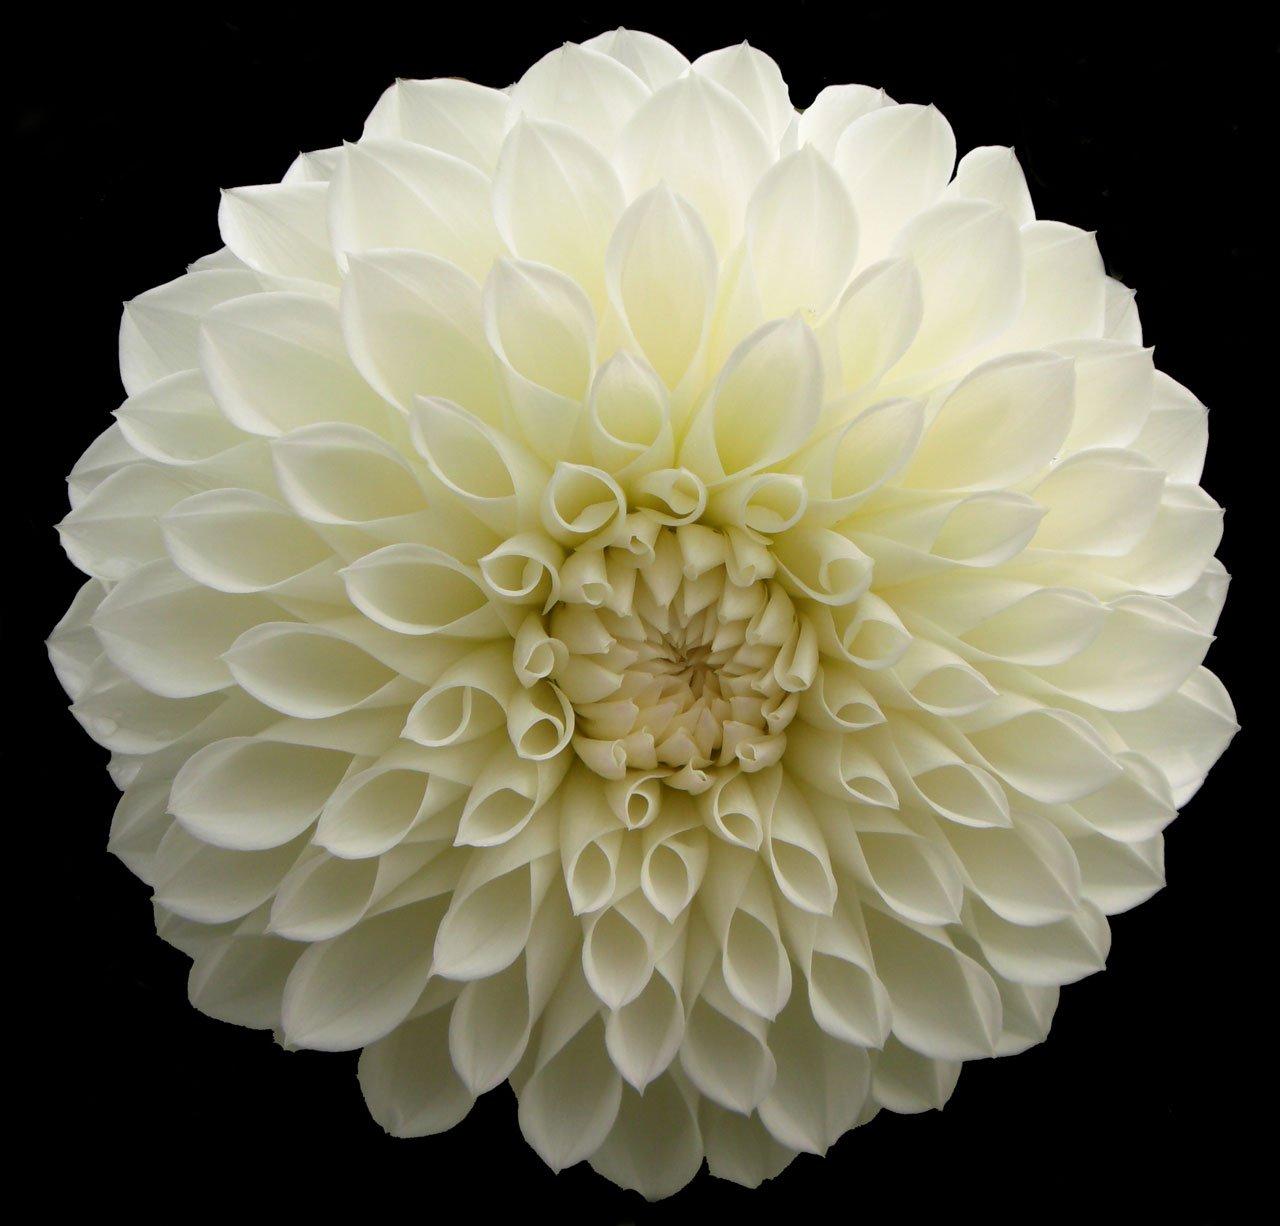 Gambar Mekar Hitam Dan Putih Menanam Daun Bunga Berkembang